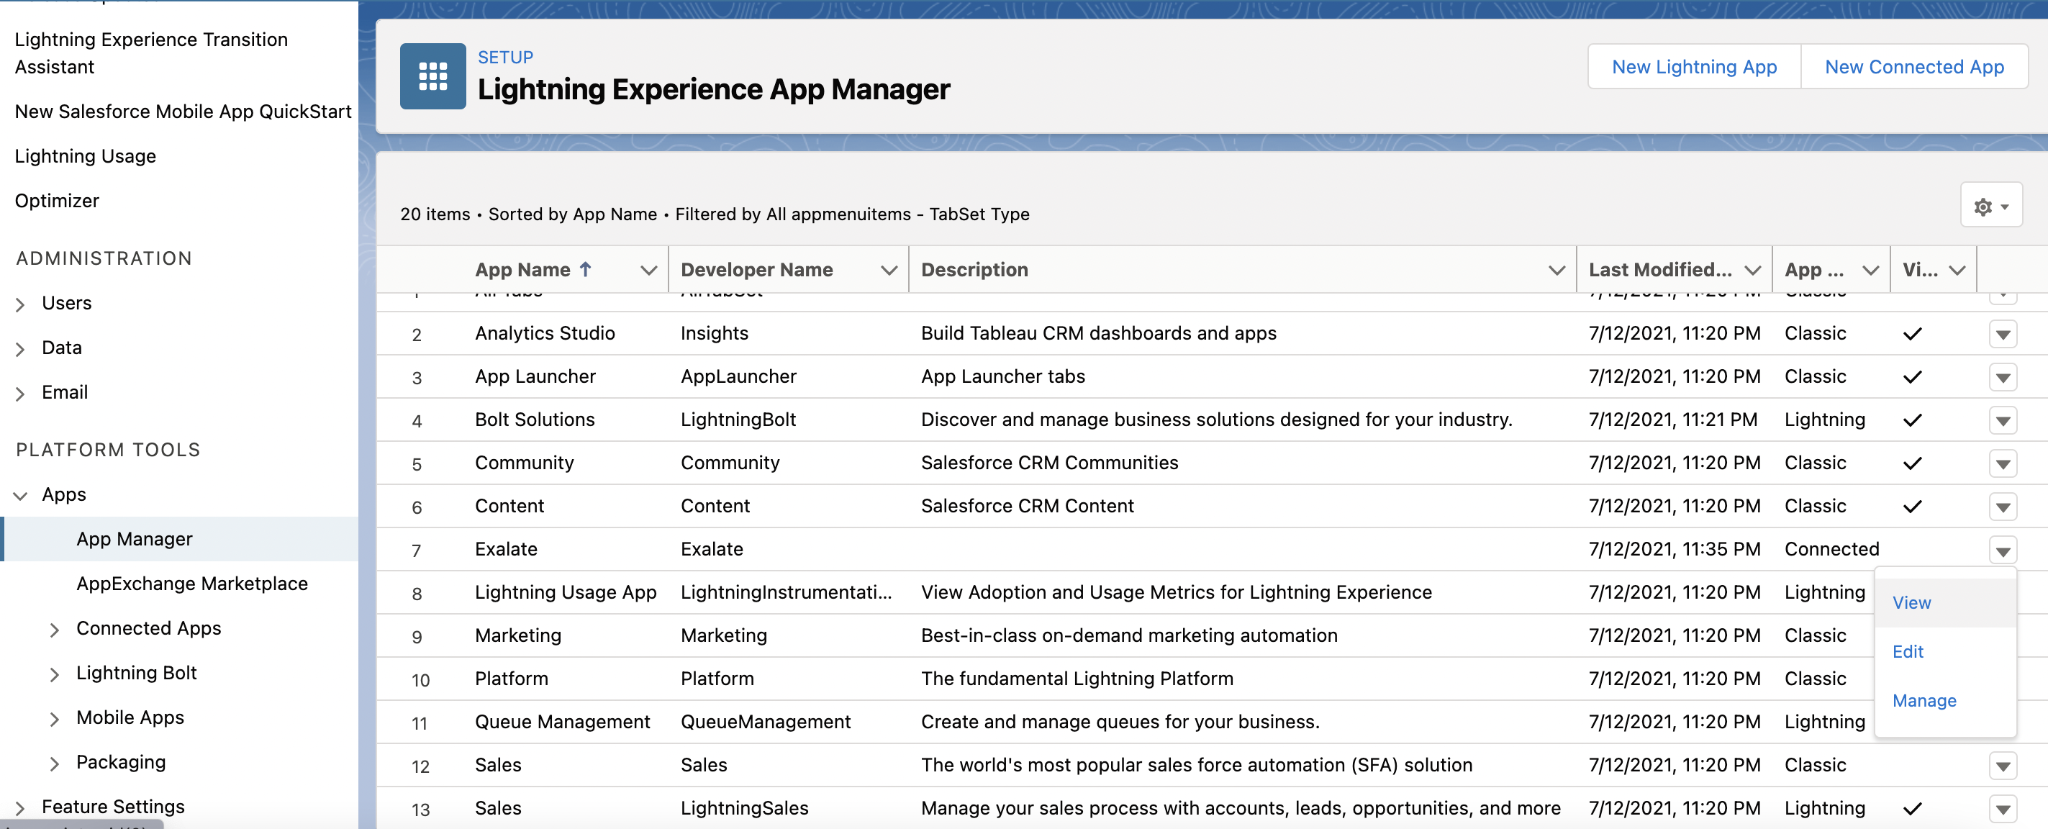 salesforce lightning app manager